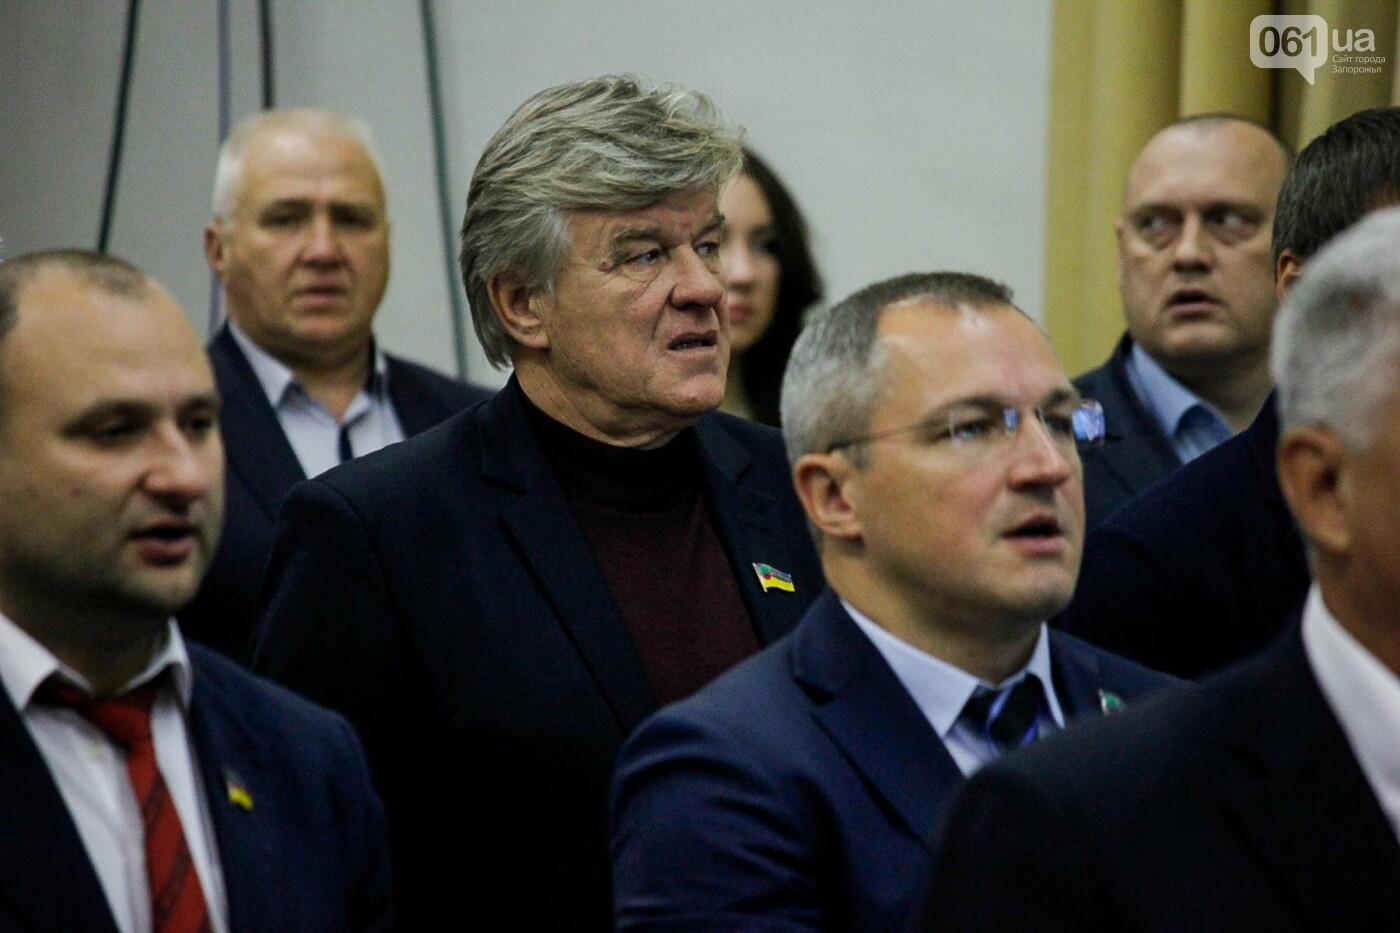 Сессия запорожского горсовета в 55 фотографиях, - ФОТОРЕПОРТАЖ, фото-43